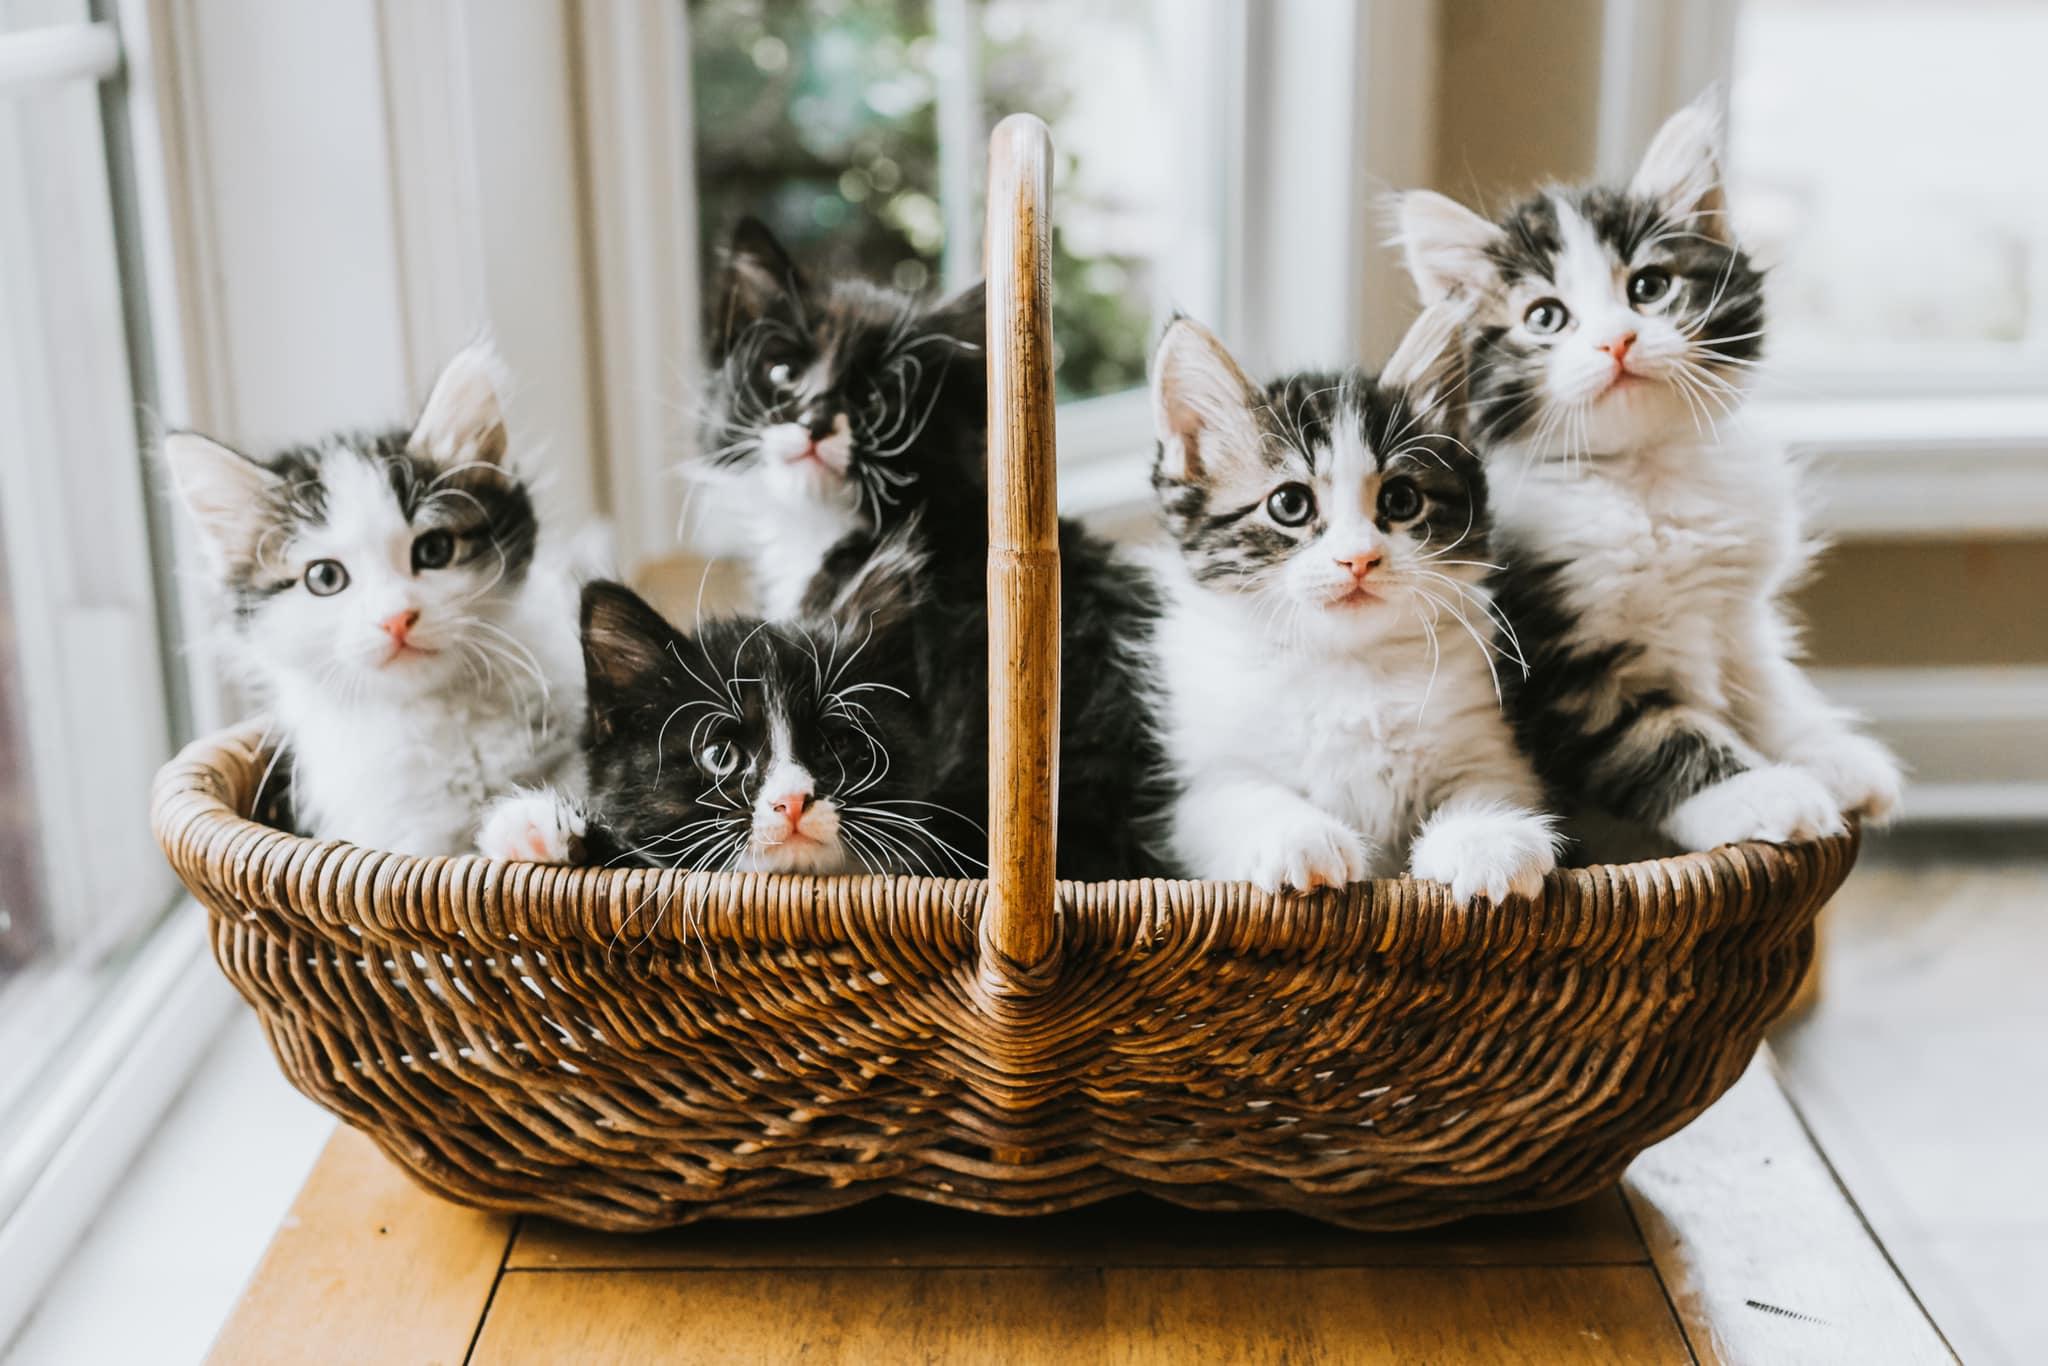 Five cute kittens sit in a basket.